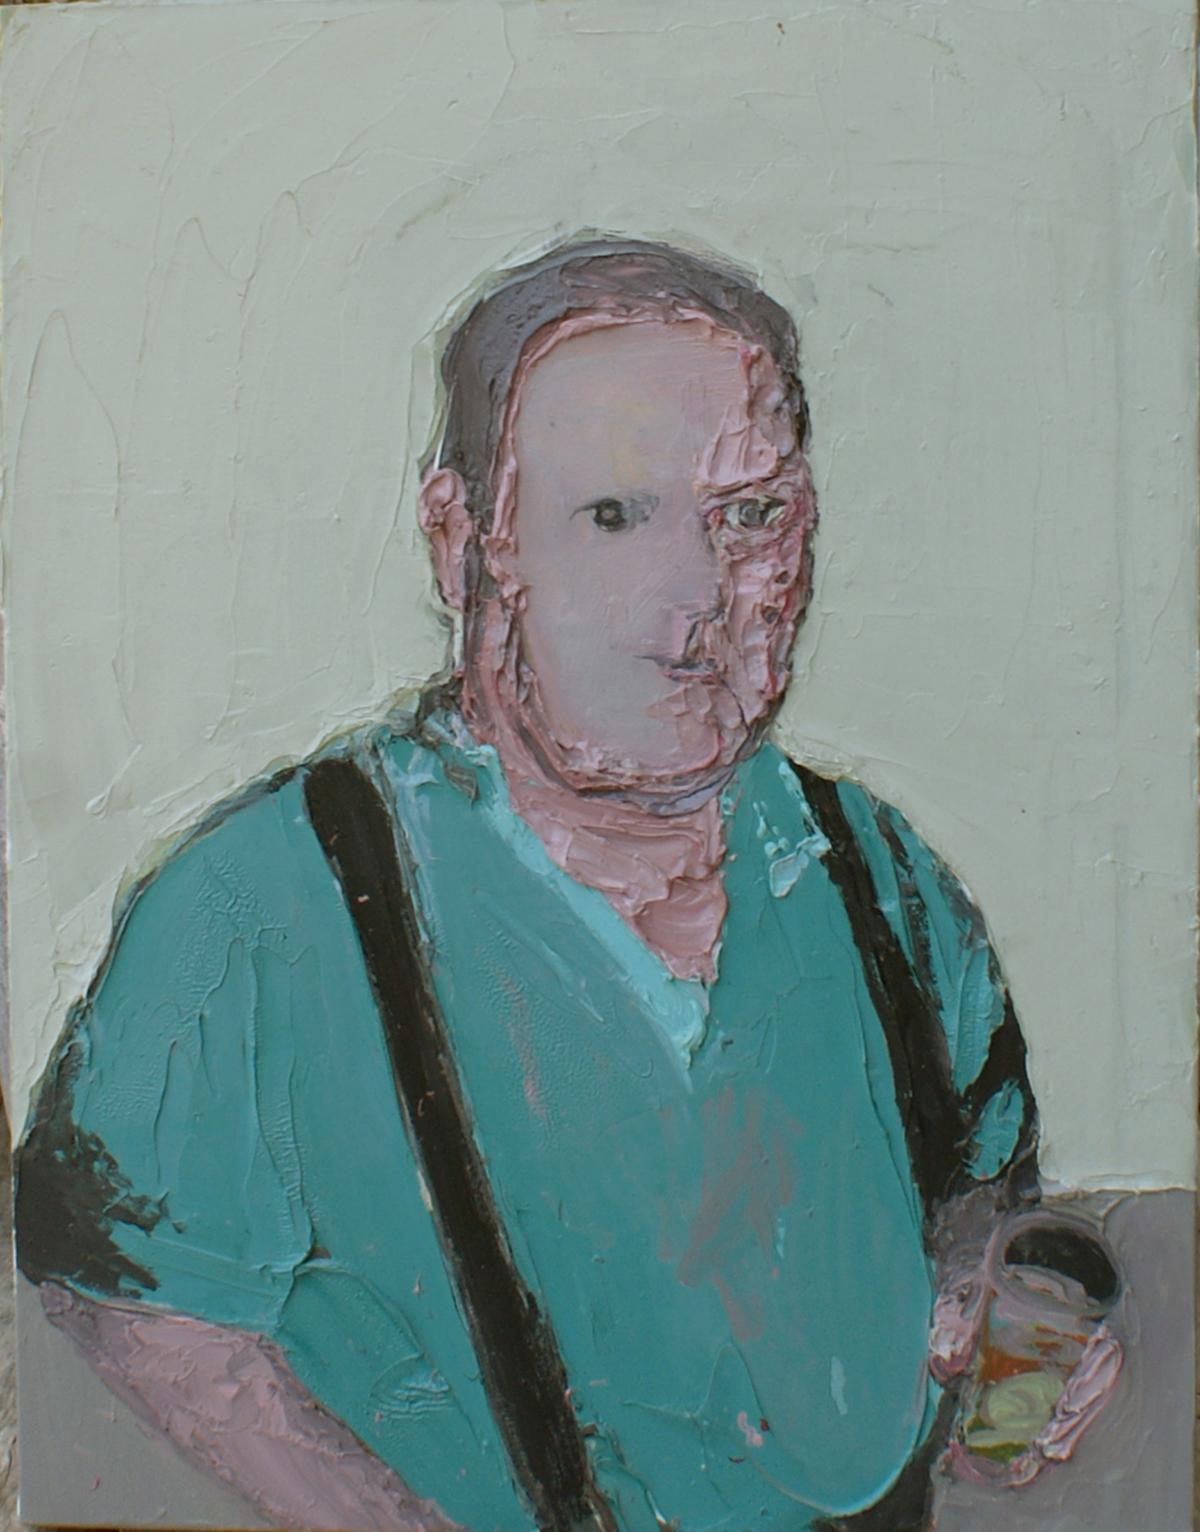 Mr Ruffin, 2009 Huile et acrylique sur toile, 60 x 50 cm ©Vincent Ruffin